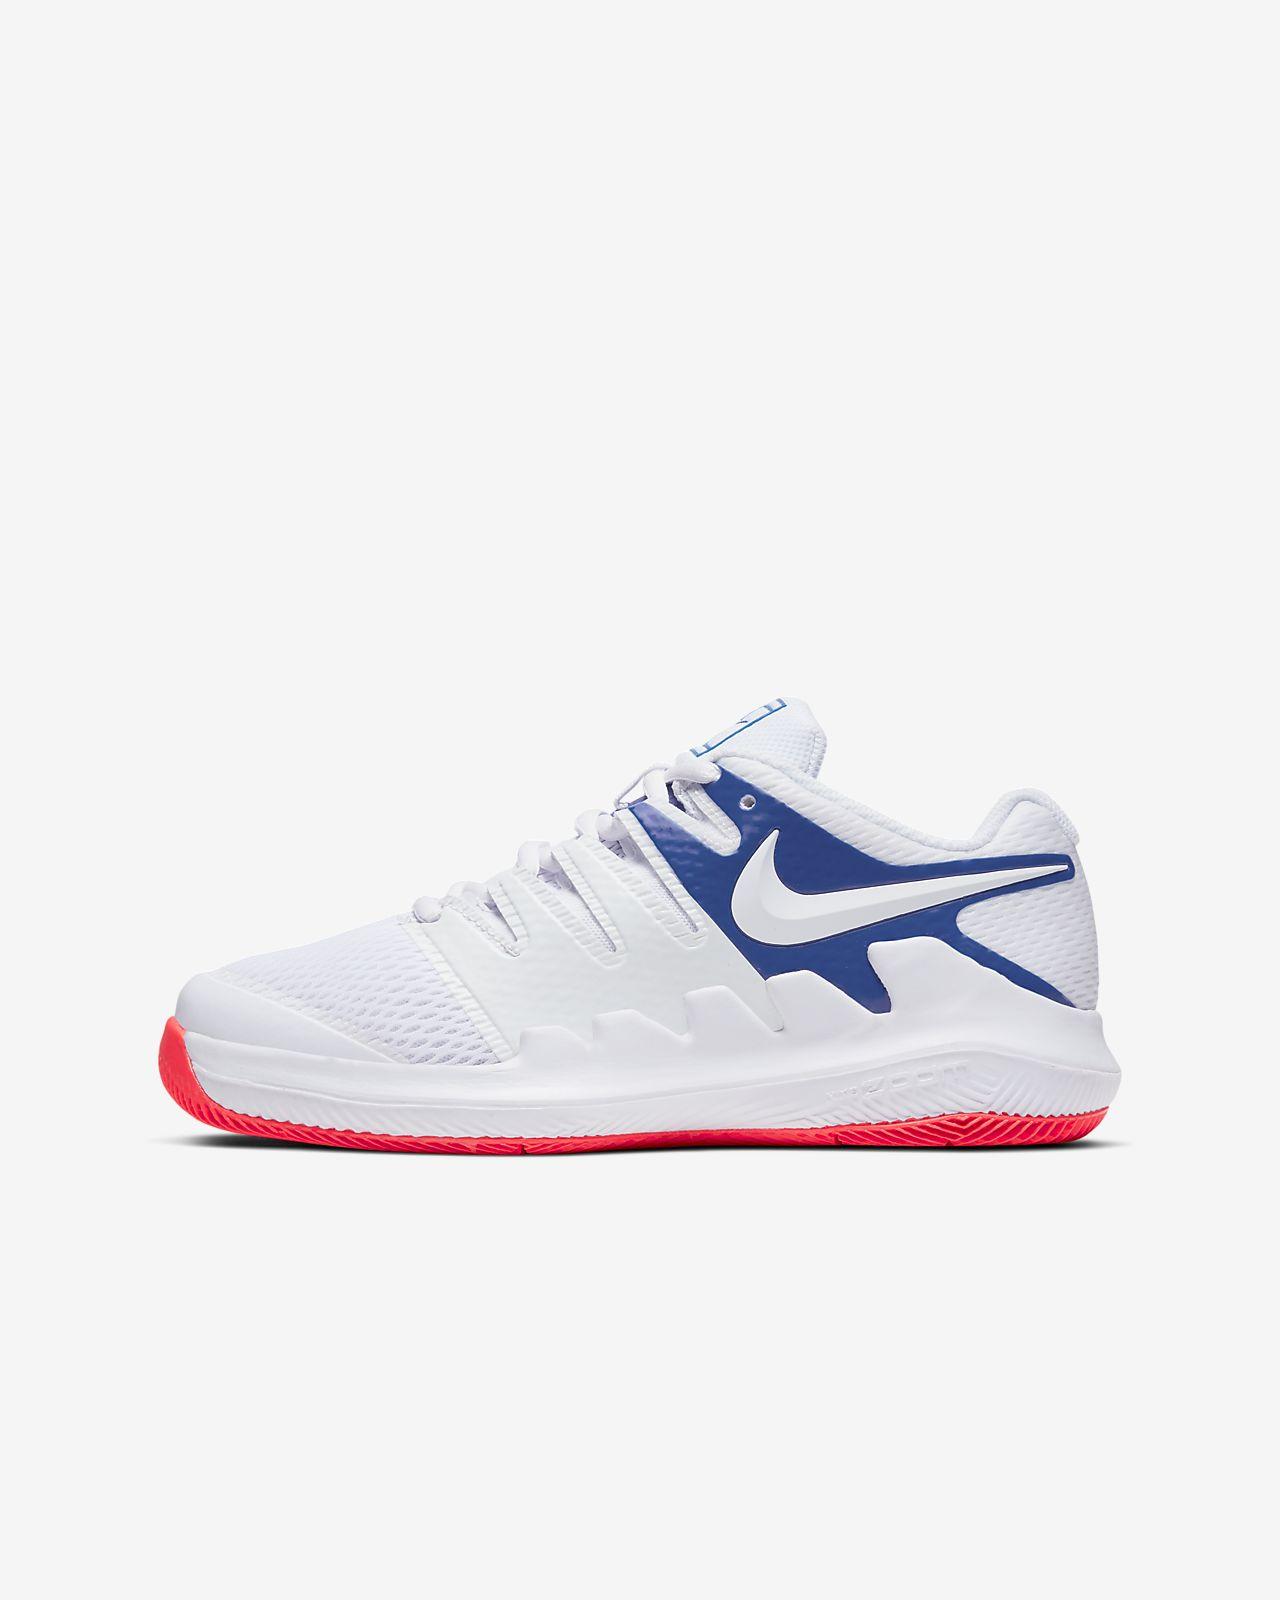 Tennissko NikeCourt Jr. Vapor X för barn/ungdom